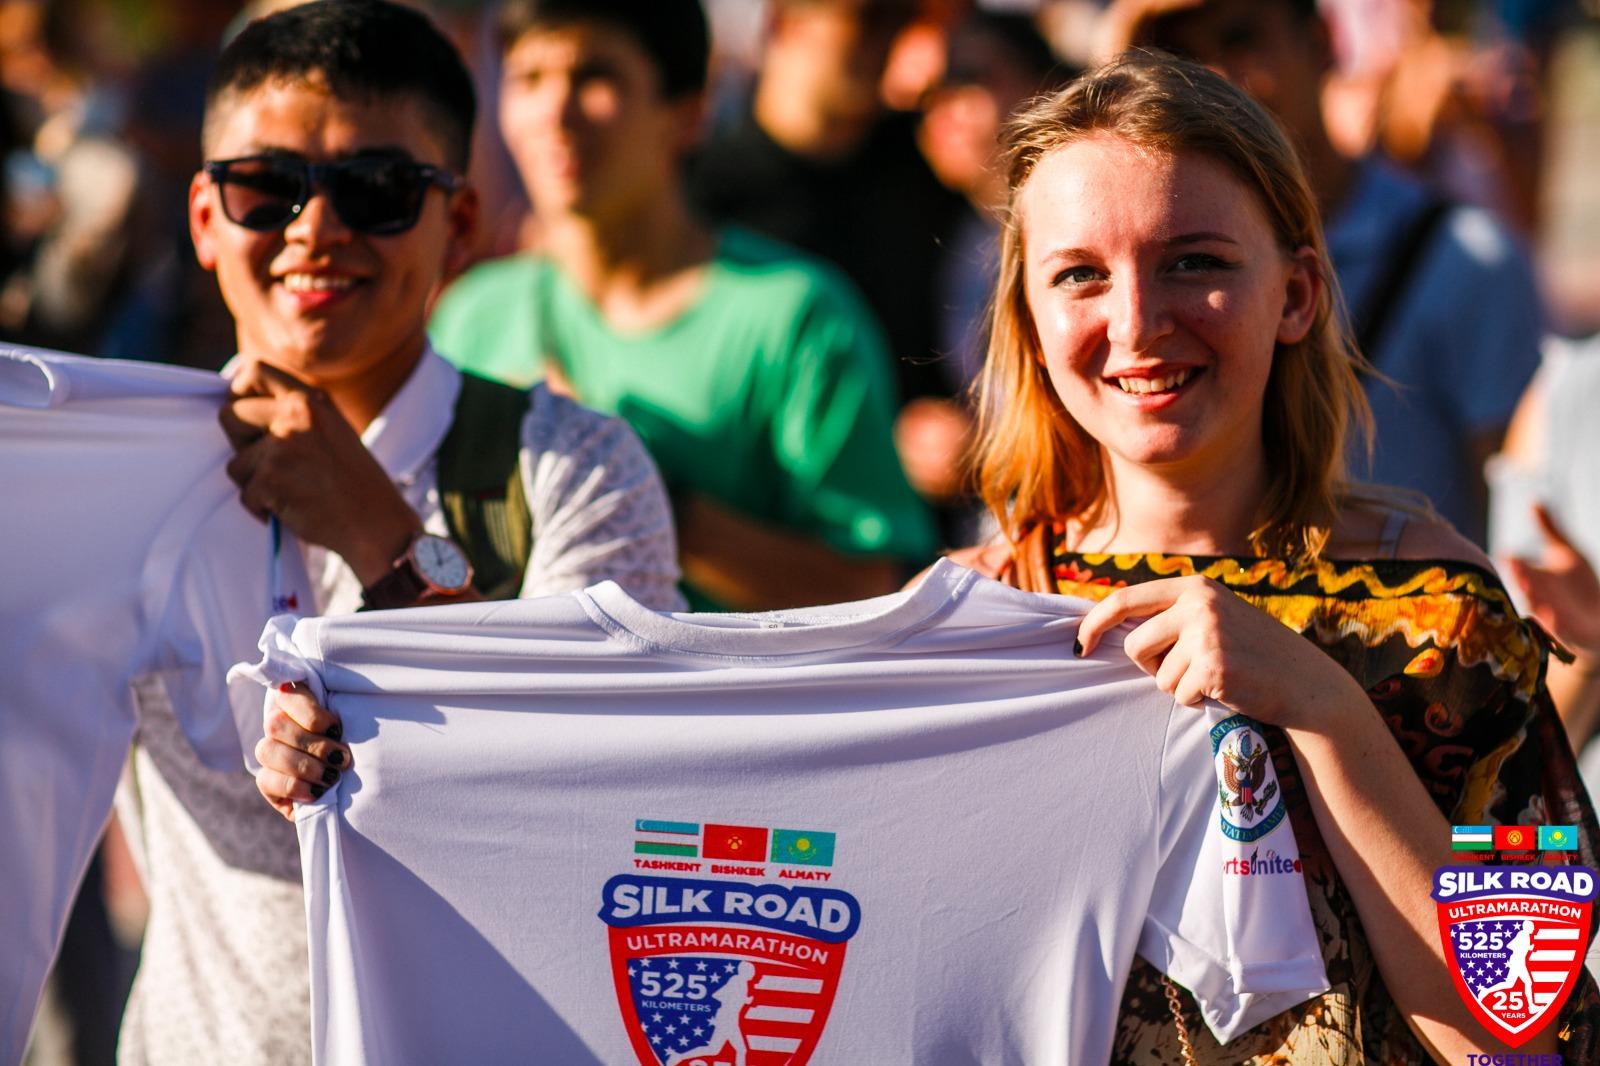 Teens holding up Silk Road Ultramarathon shirt